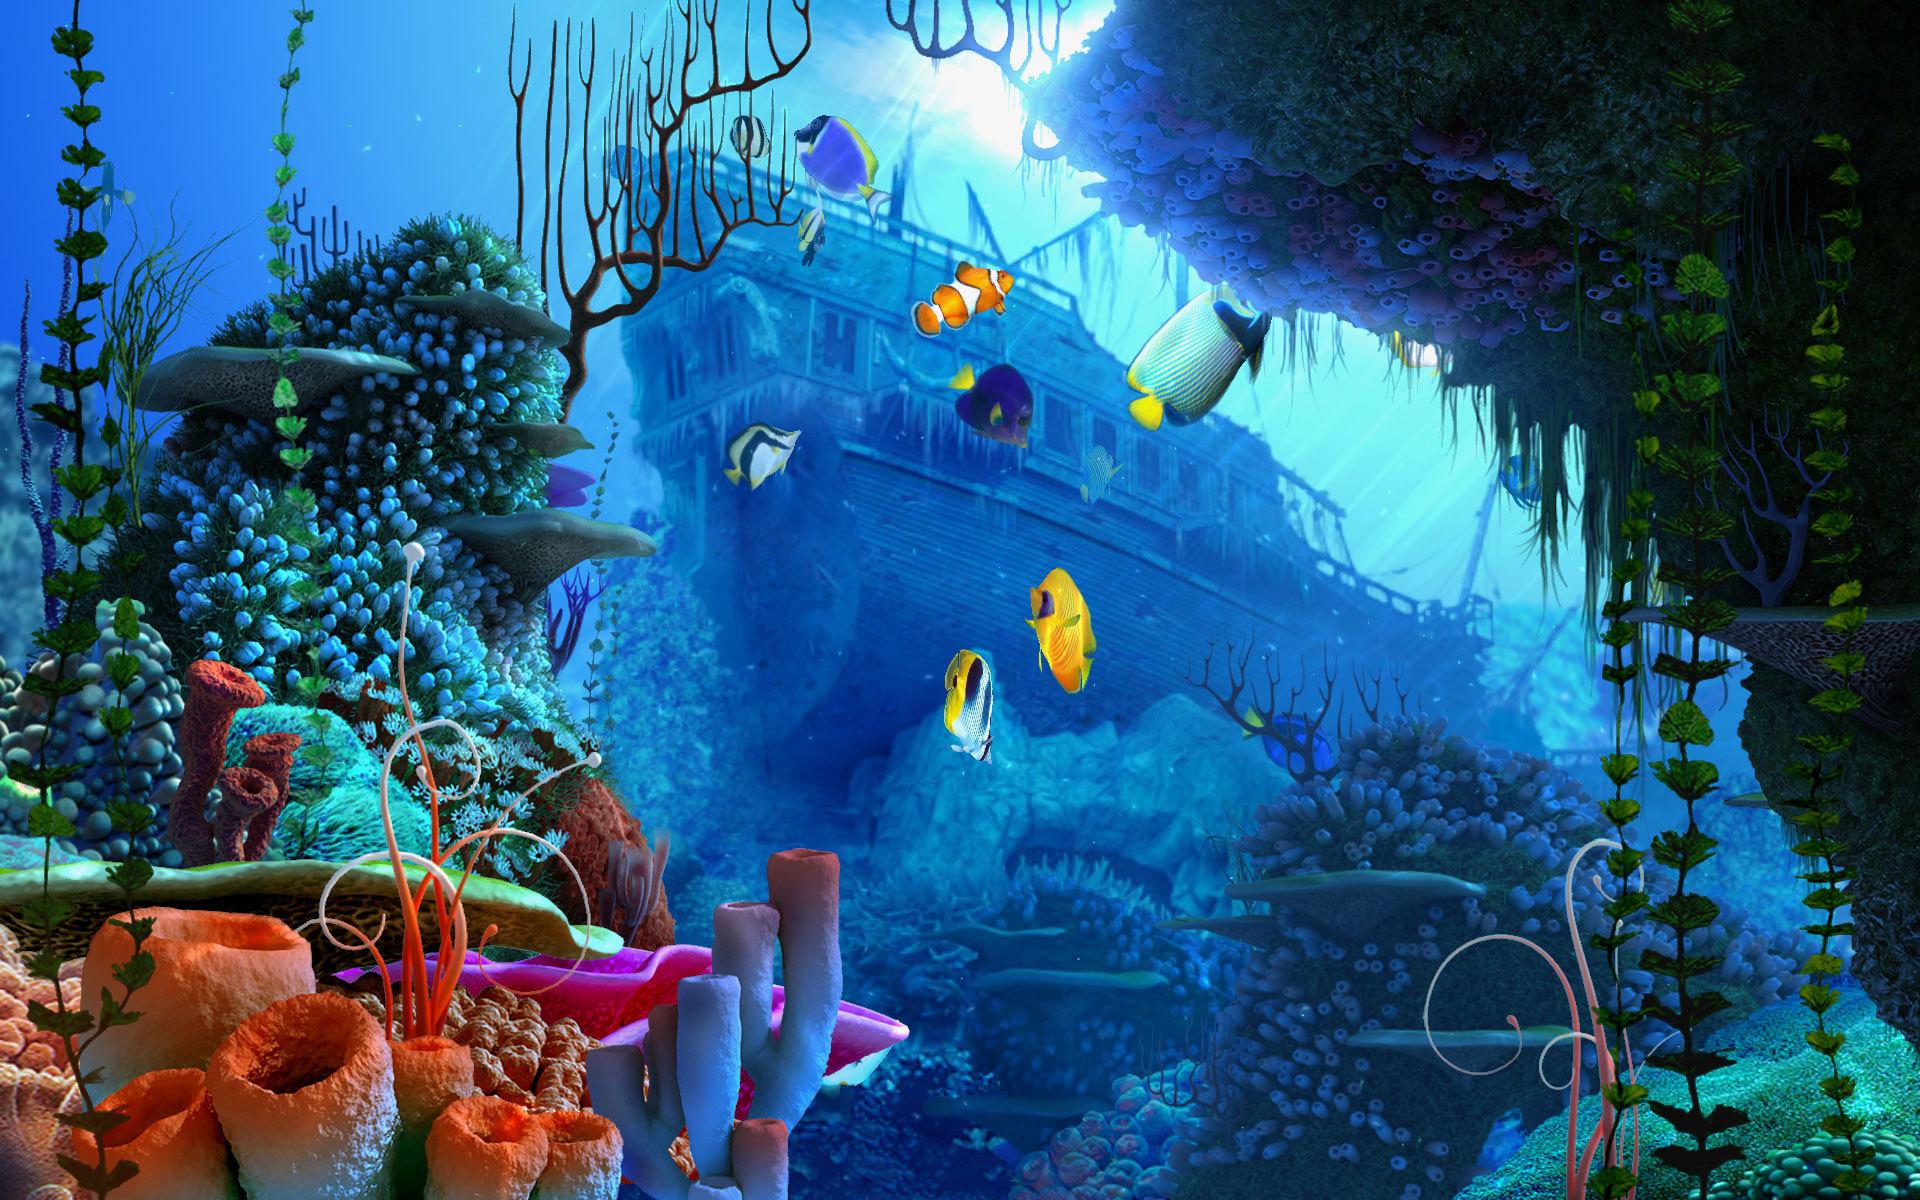 Download Fantasy Natural Pixel Blue Large Ocean Wallpaper Full HD 1920x1200